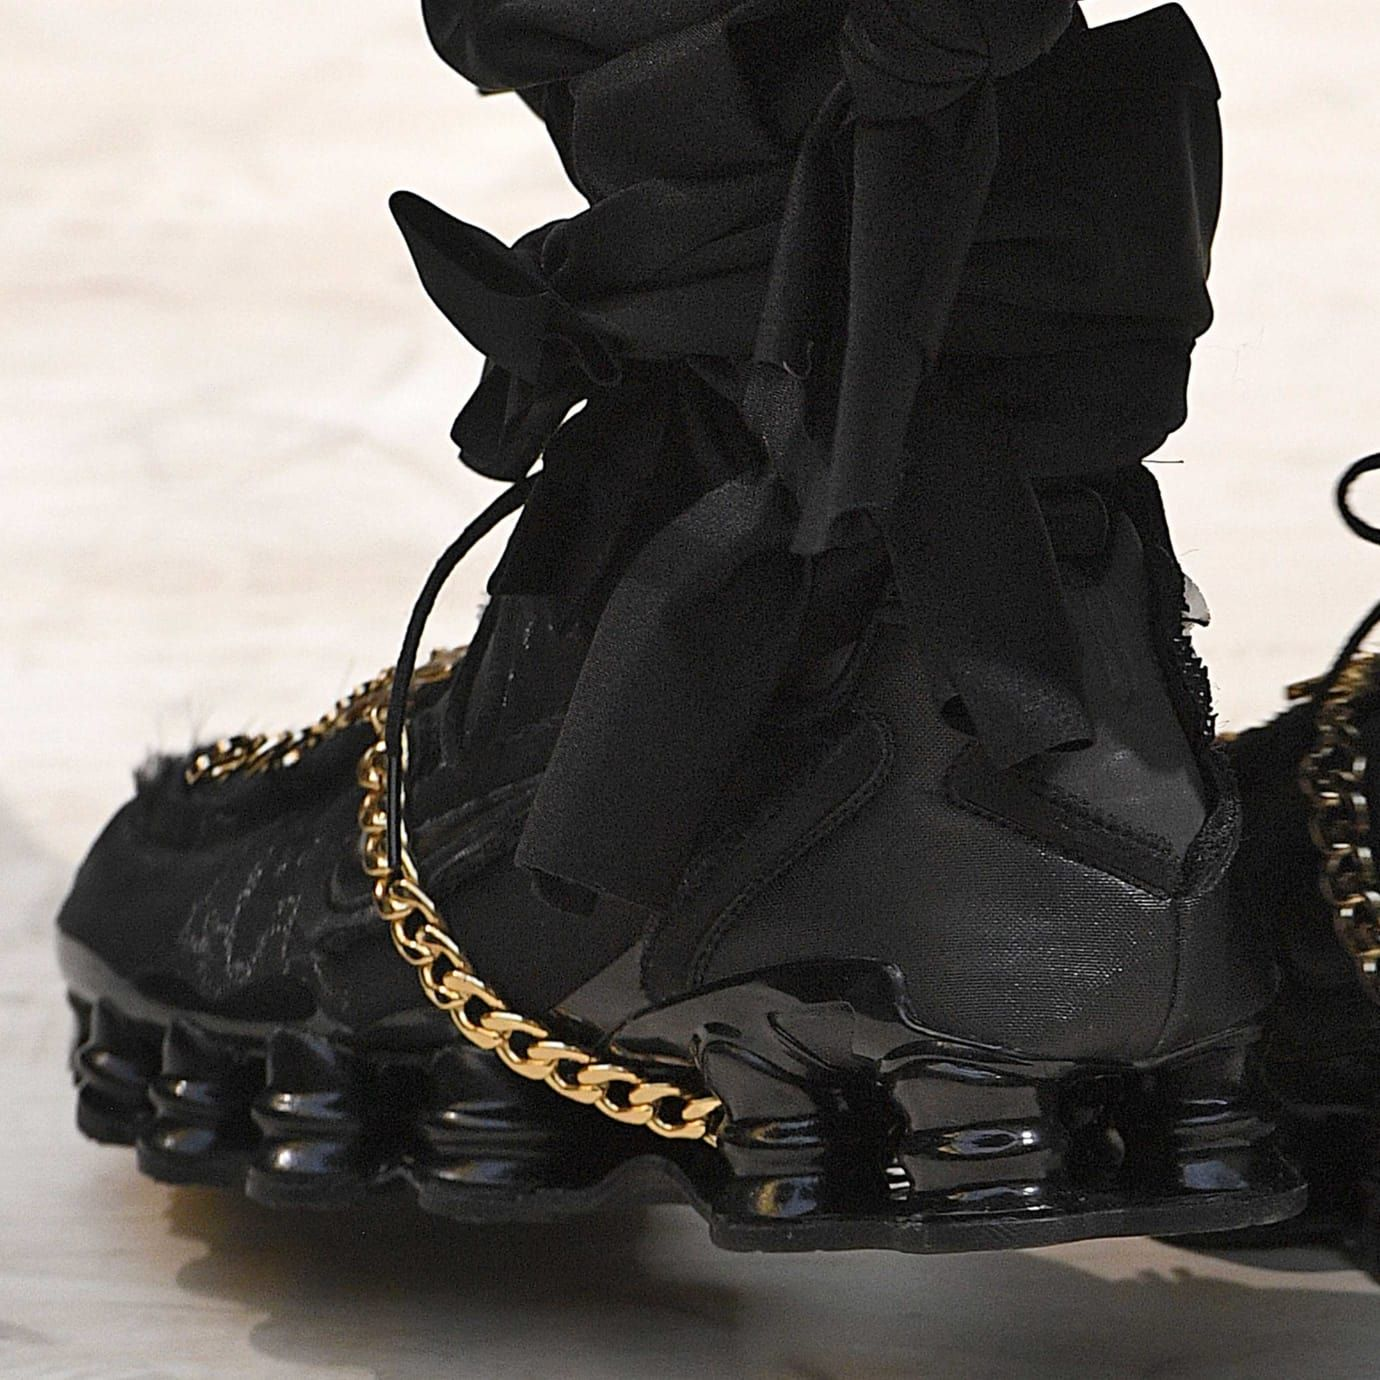 Comme des Garcons x Nike Shox Release